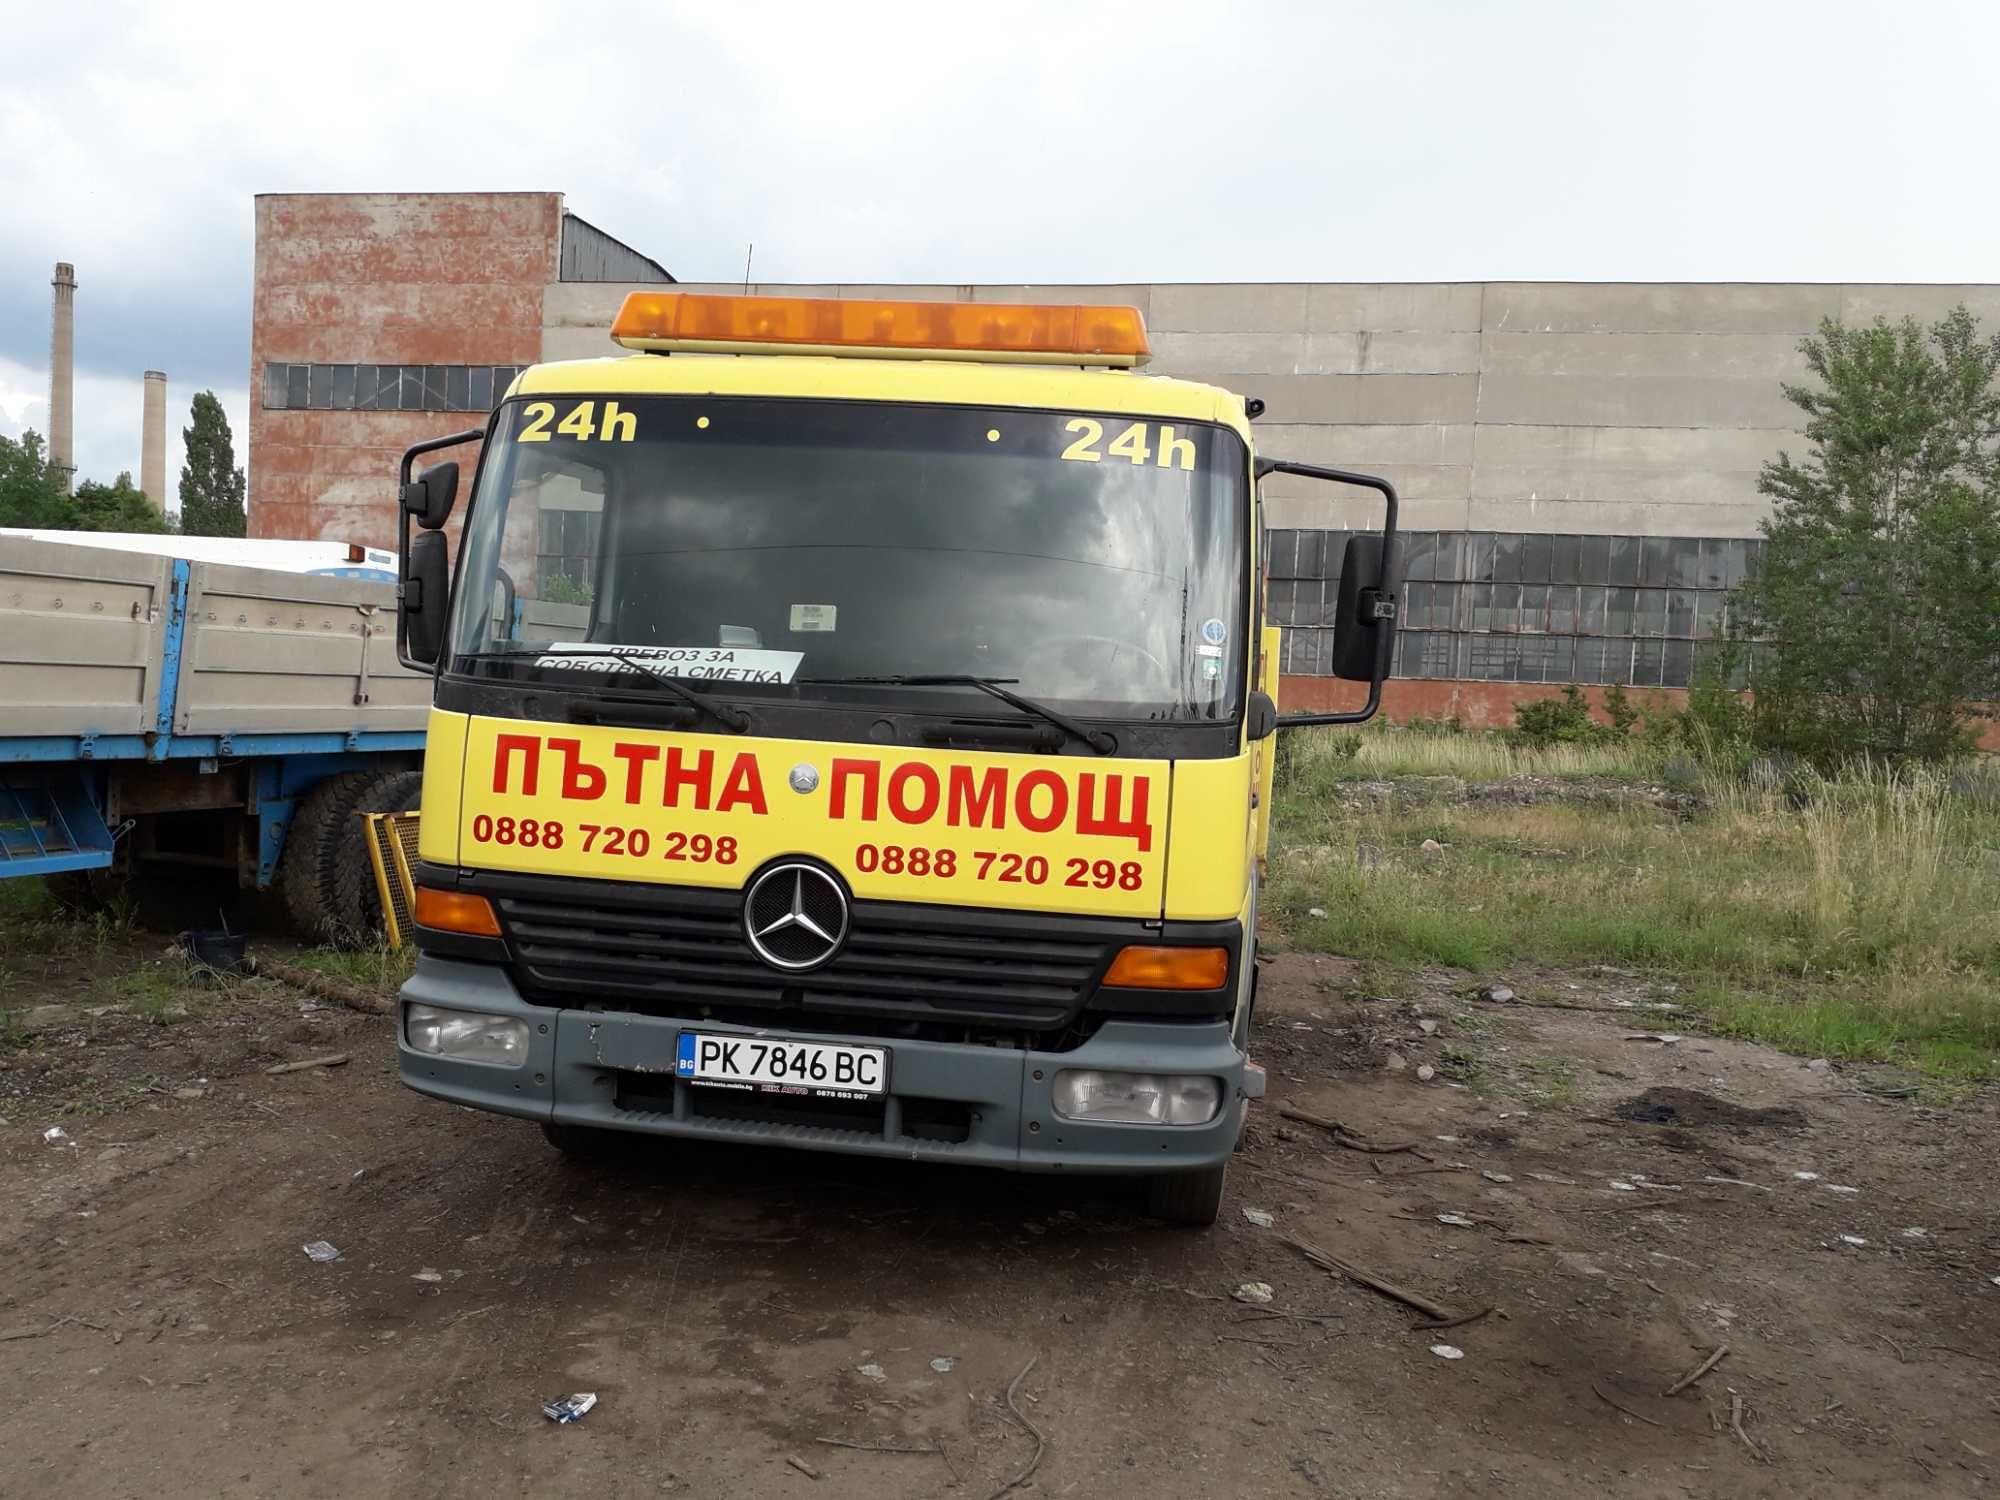 Пътна помощ Перник 24/7 и цялата страна,транспортни услуги